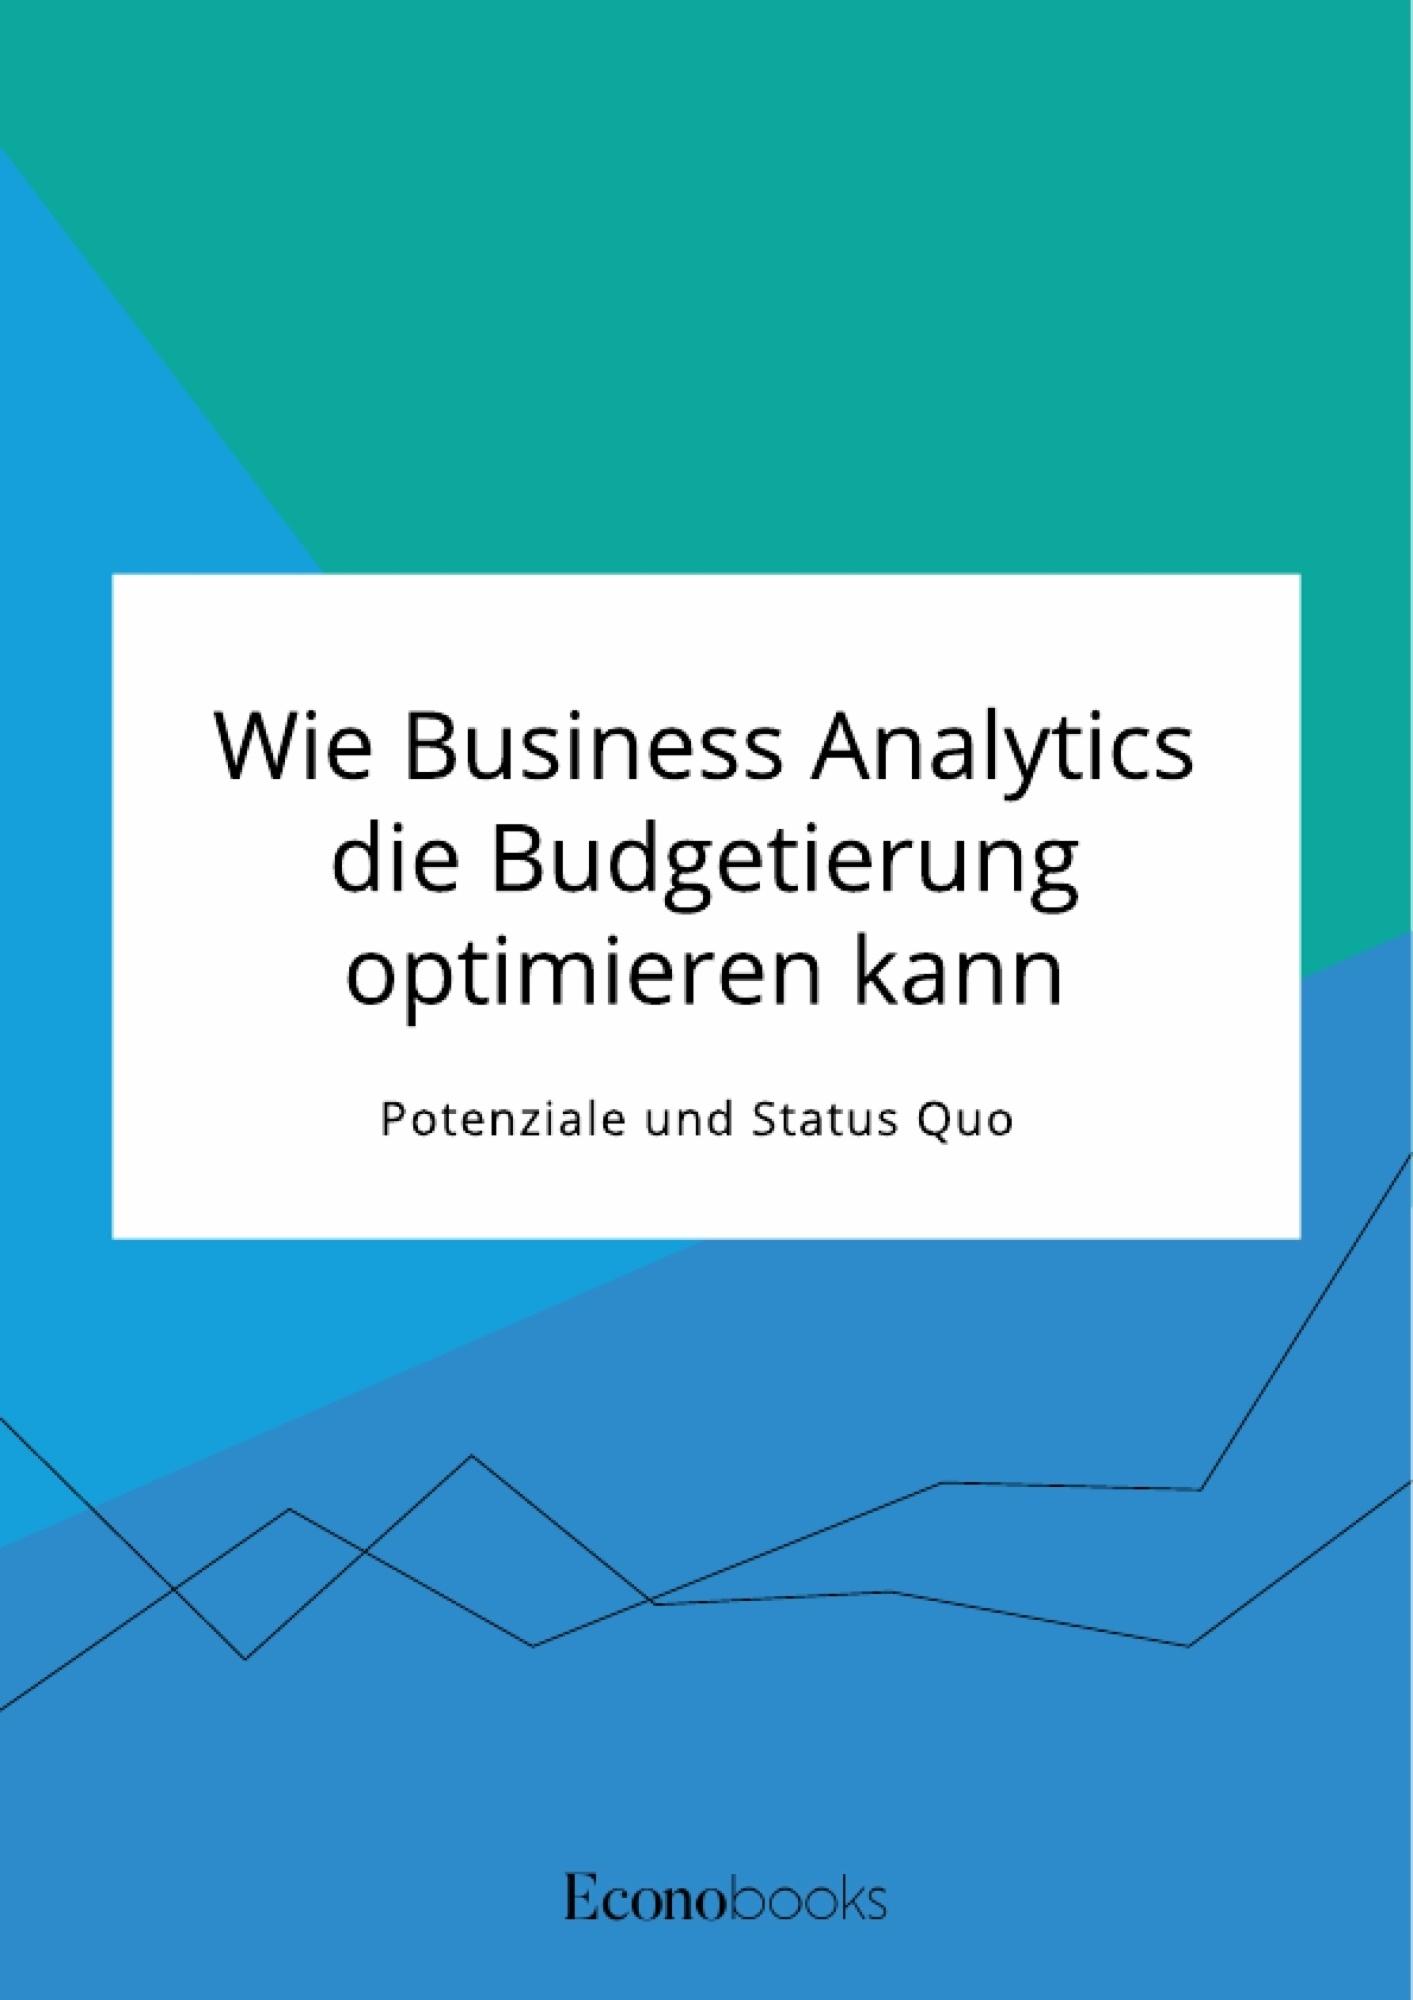 Titel: Wie Business Analytics die Budgetierung optimieren kann. Potenziale und Status Quo